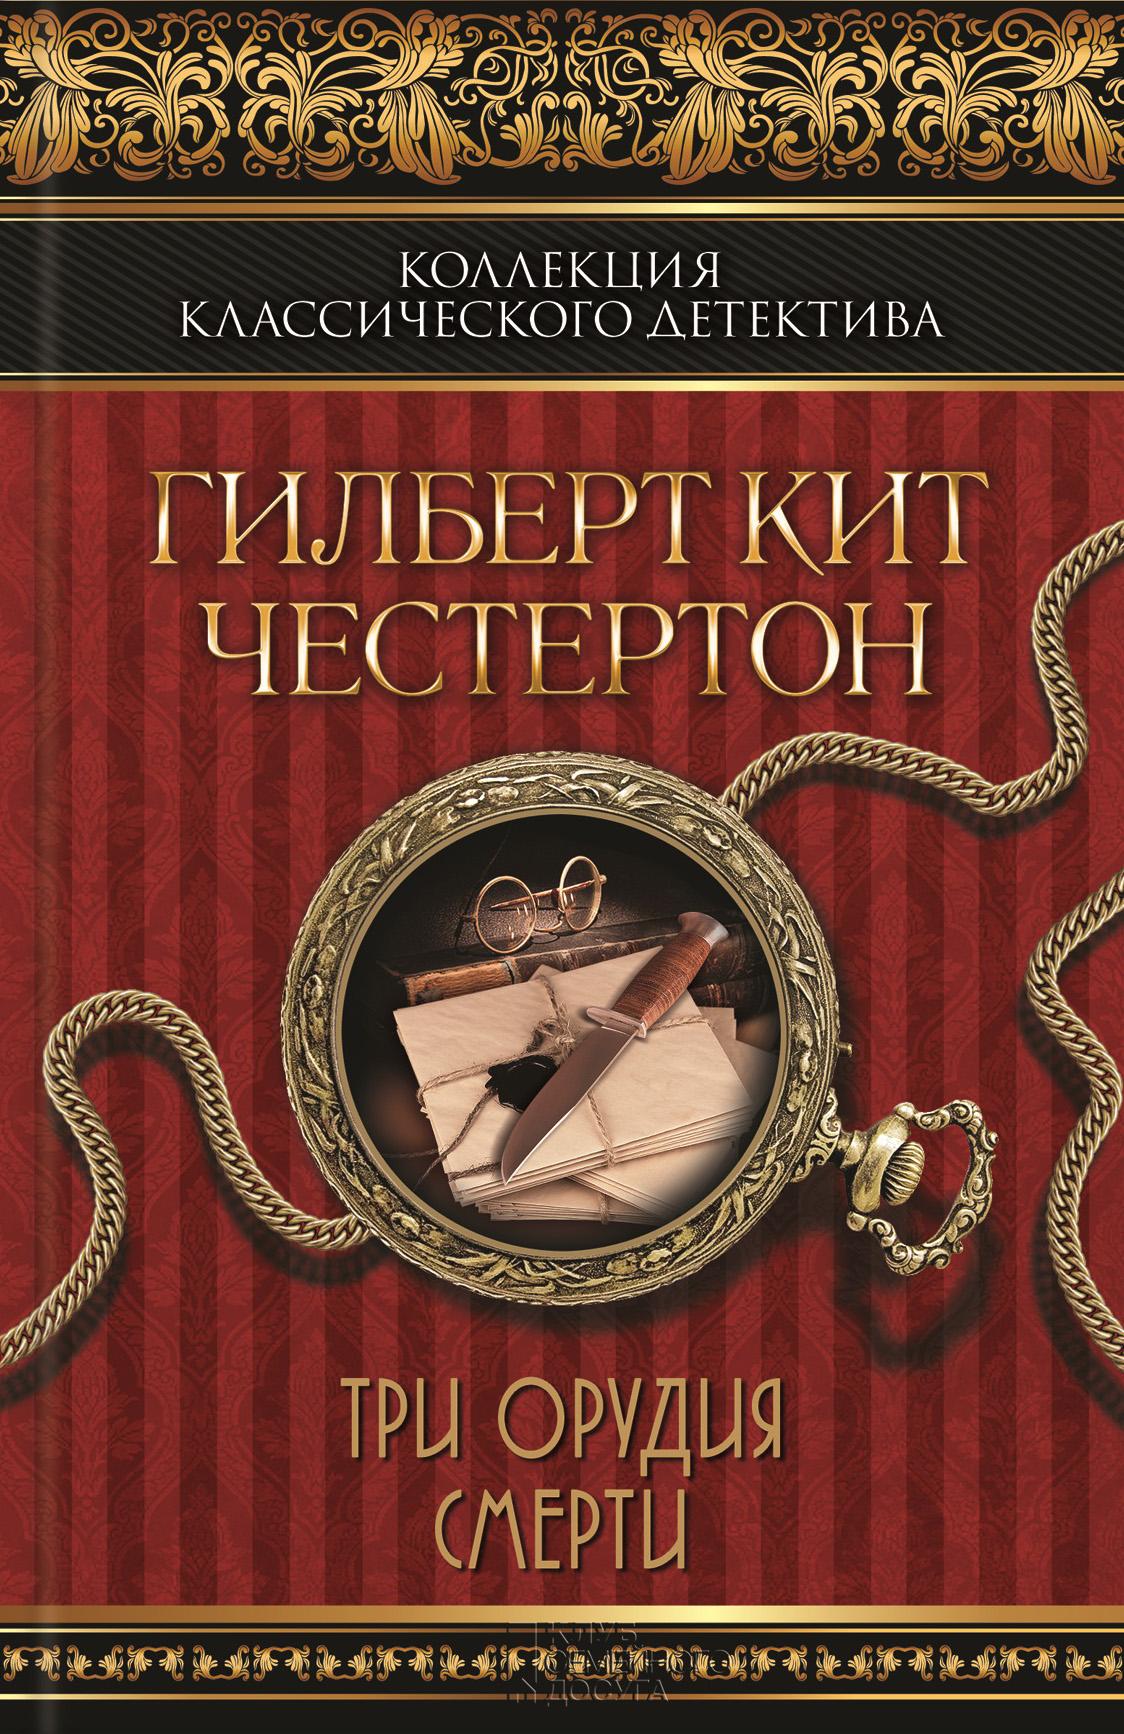 Гилберт Кит Честертон Три орудия смерти (сборник) недорого